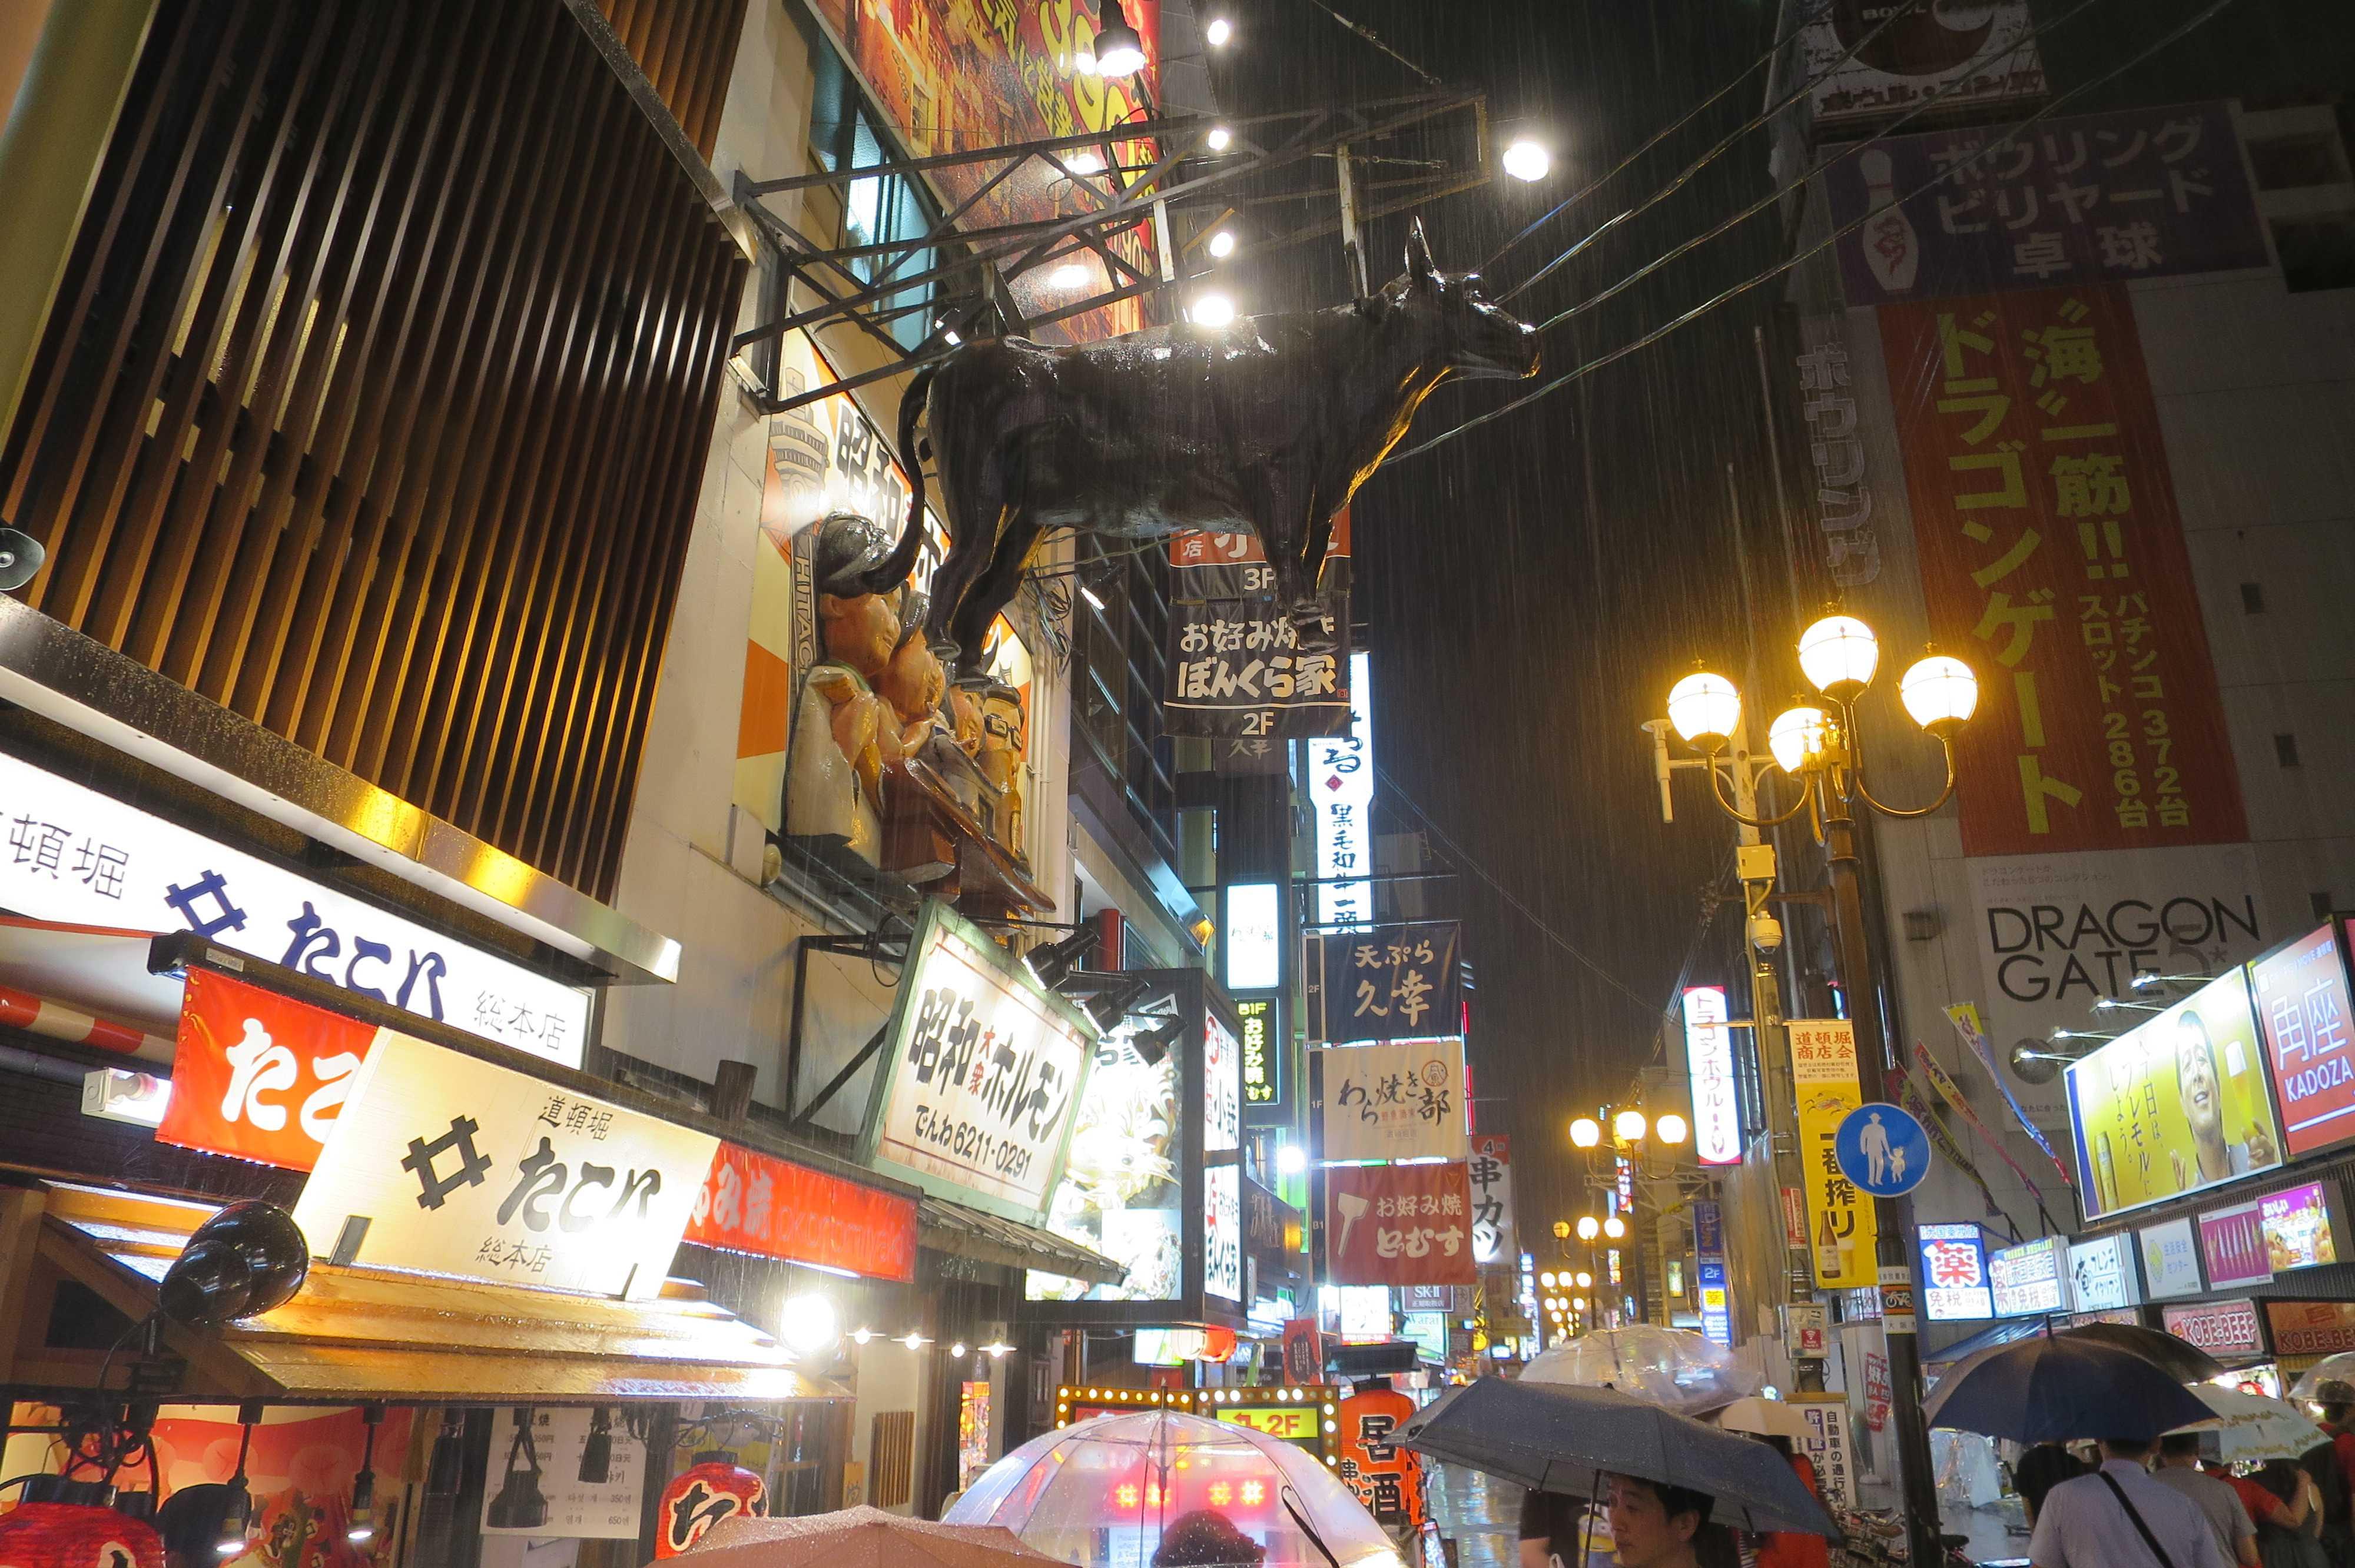 昭和大衆ホルモン 道頓堀店の牛(ウシ)オブジェ